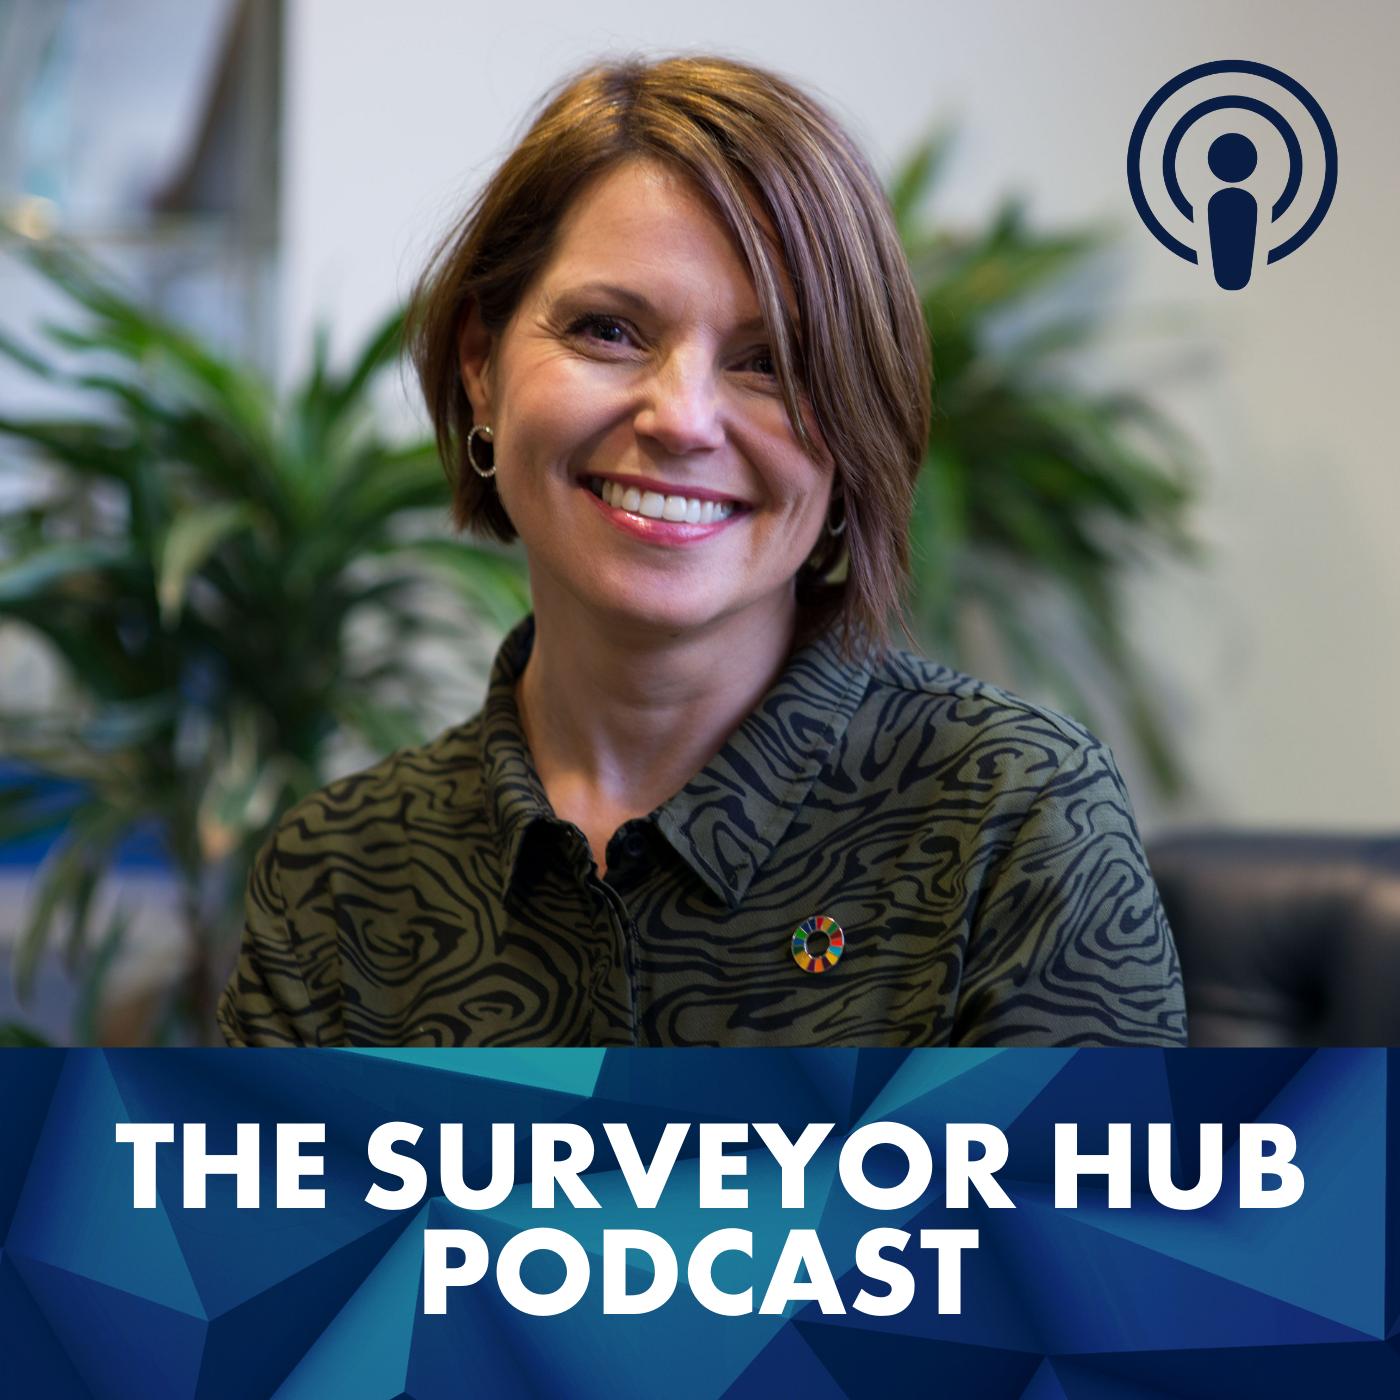 The Surveyor Hub Podcast show art